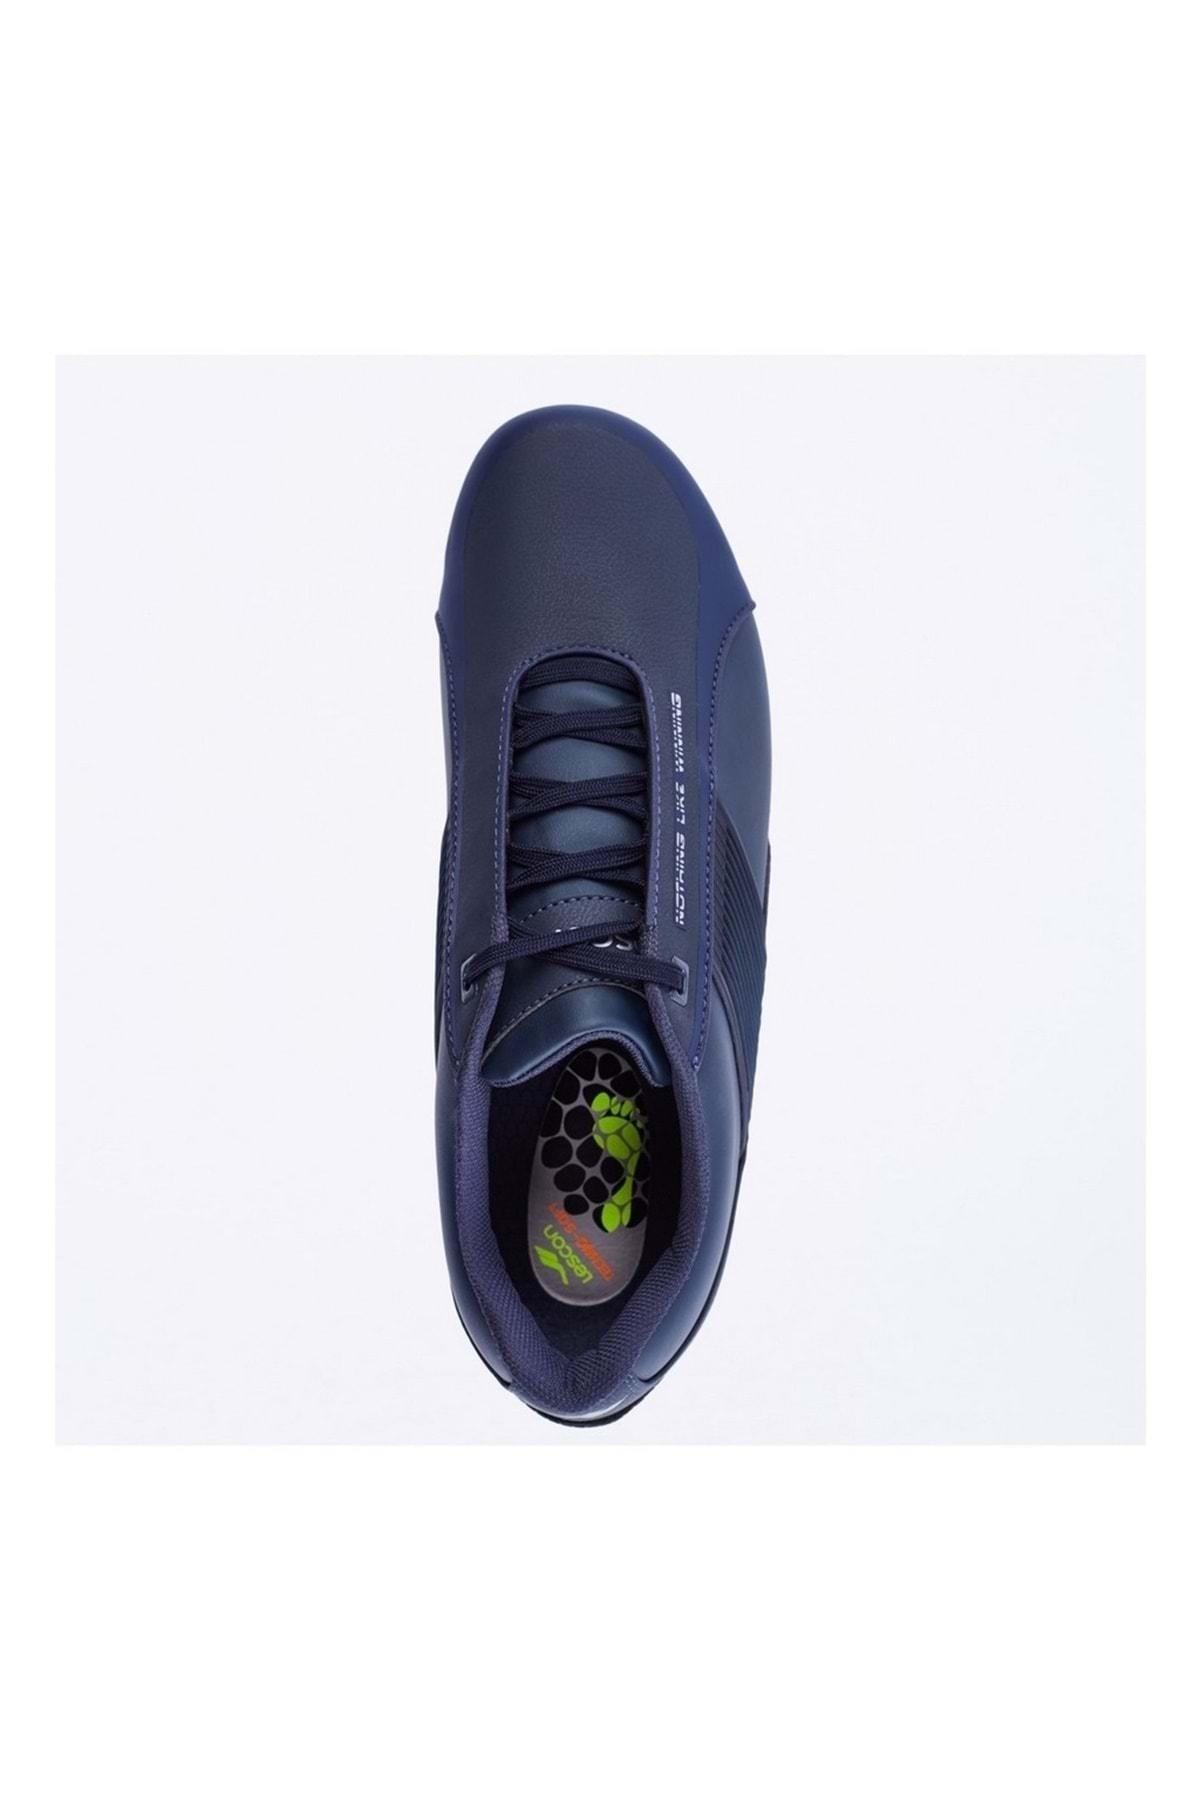 Lescon 6550 Sneakers Günlük Erkek Spor Ayakkabısı - - 6550 - Lacivert - 40 - St01188-6143 2